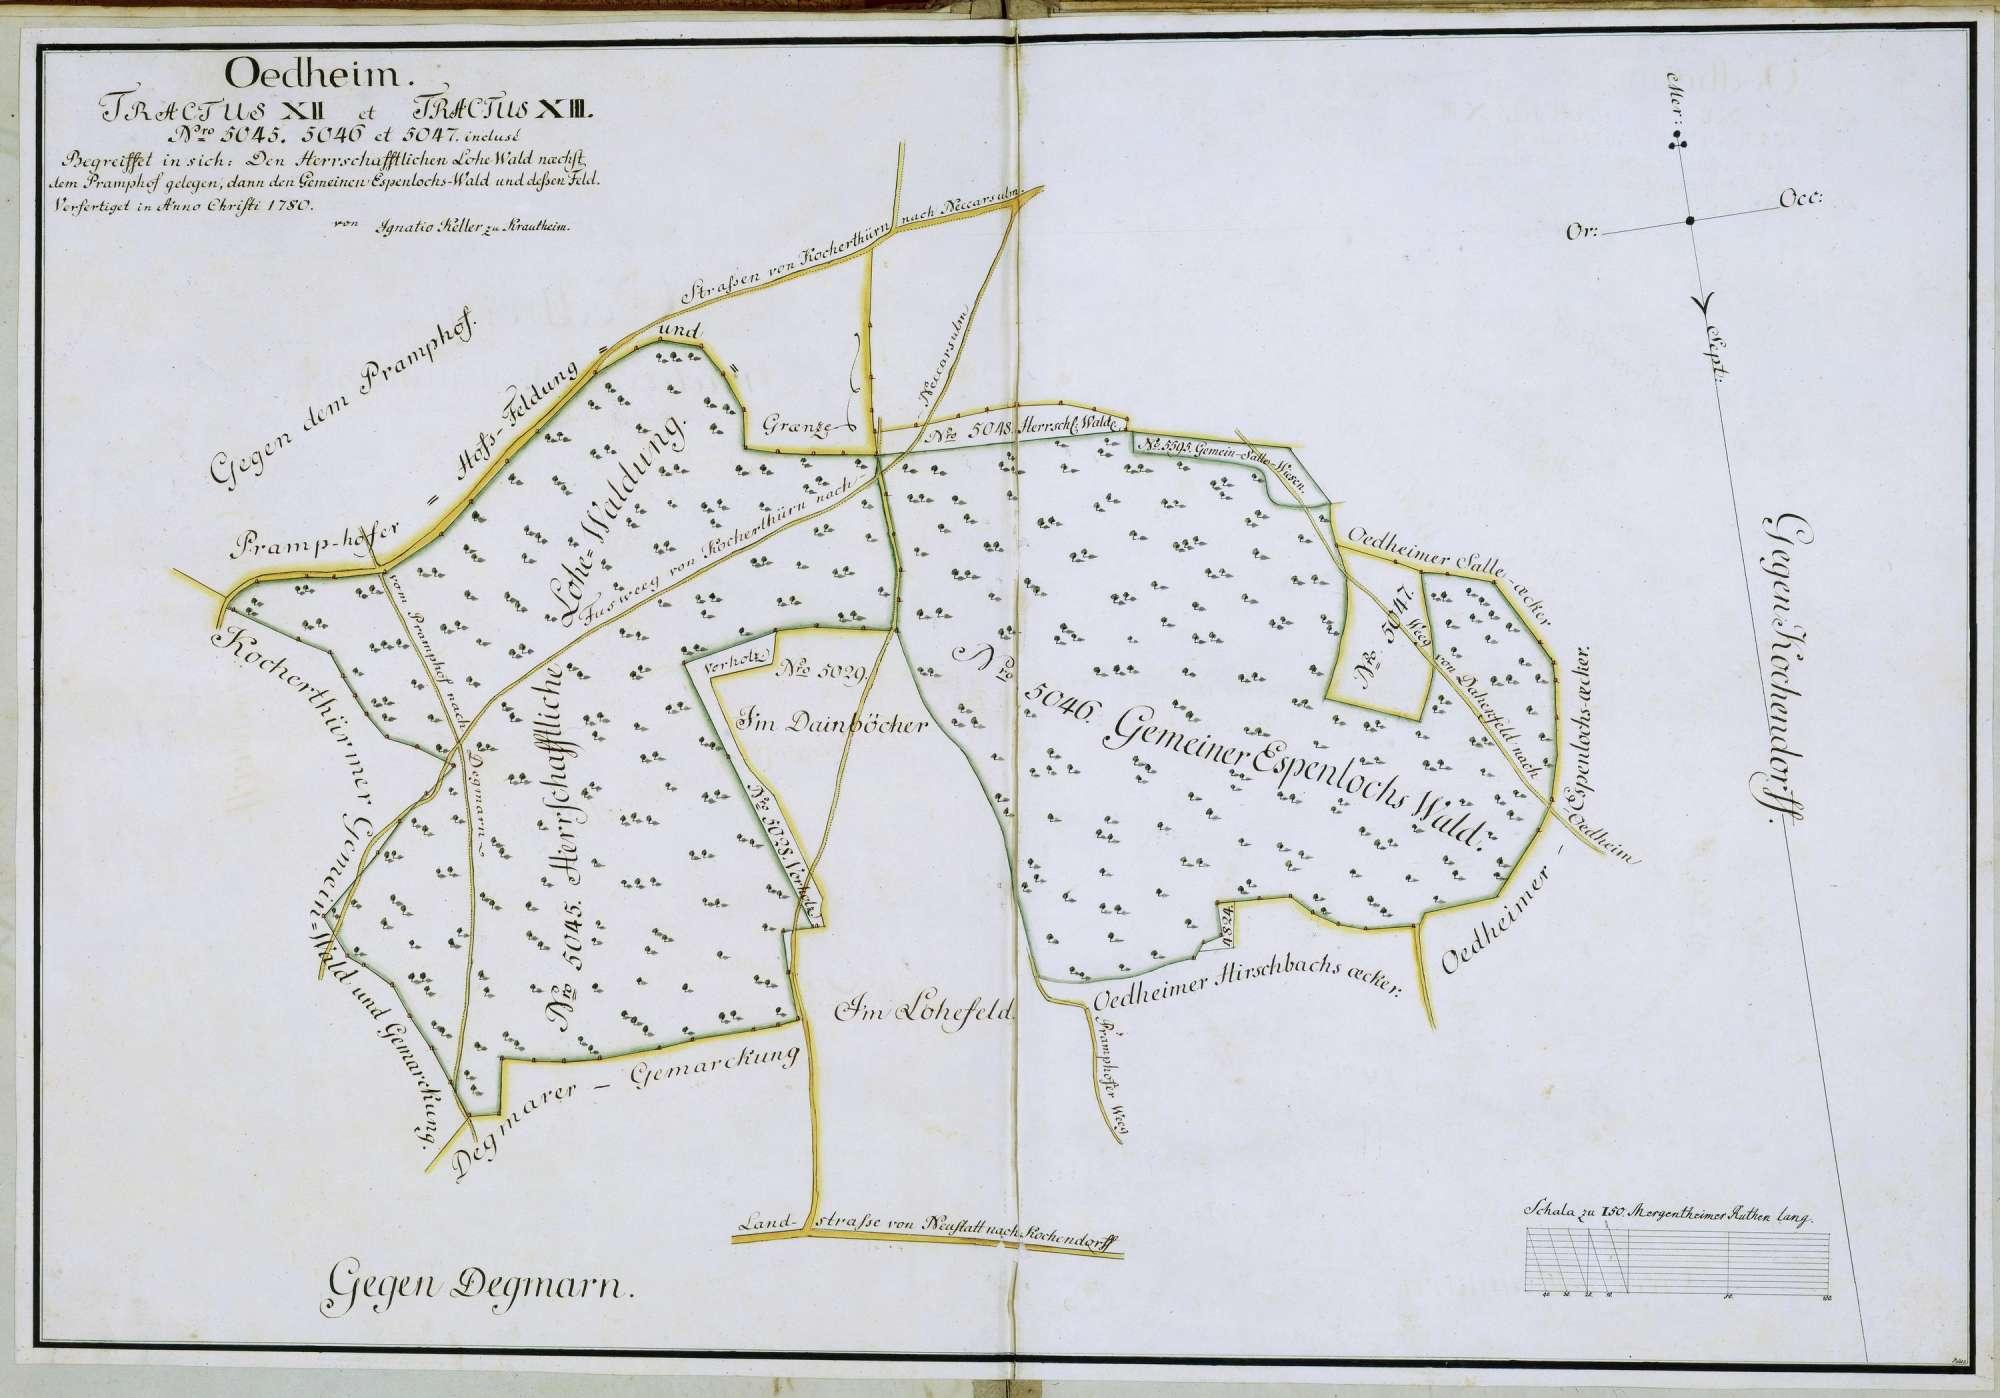 """Tractus XII et Tractus XIII: """"N(ume)ro 5045, 5046 und 5047 incluse: begreifet in sich den herrschaftlichen Lohe-Wald, dann den Gemeinen Espenlochswald und dessen Feld"""", Bild 1"""